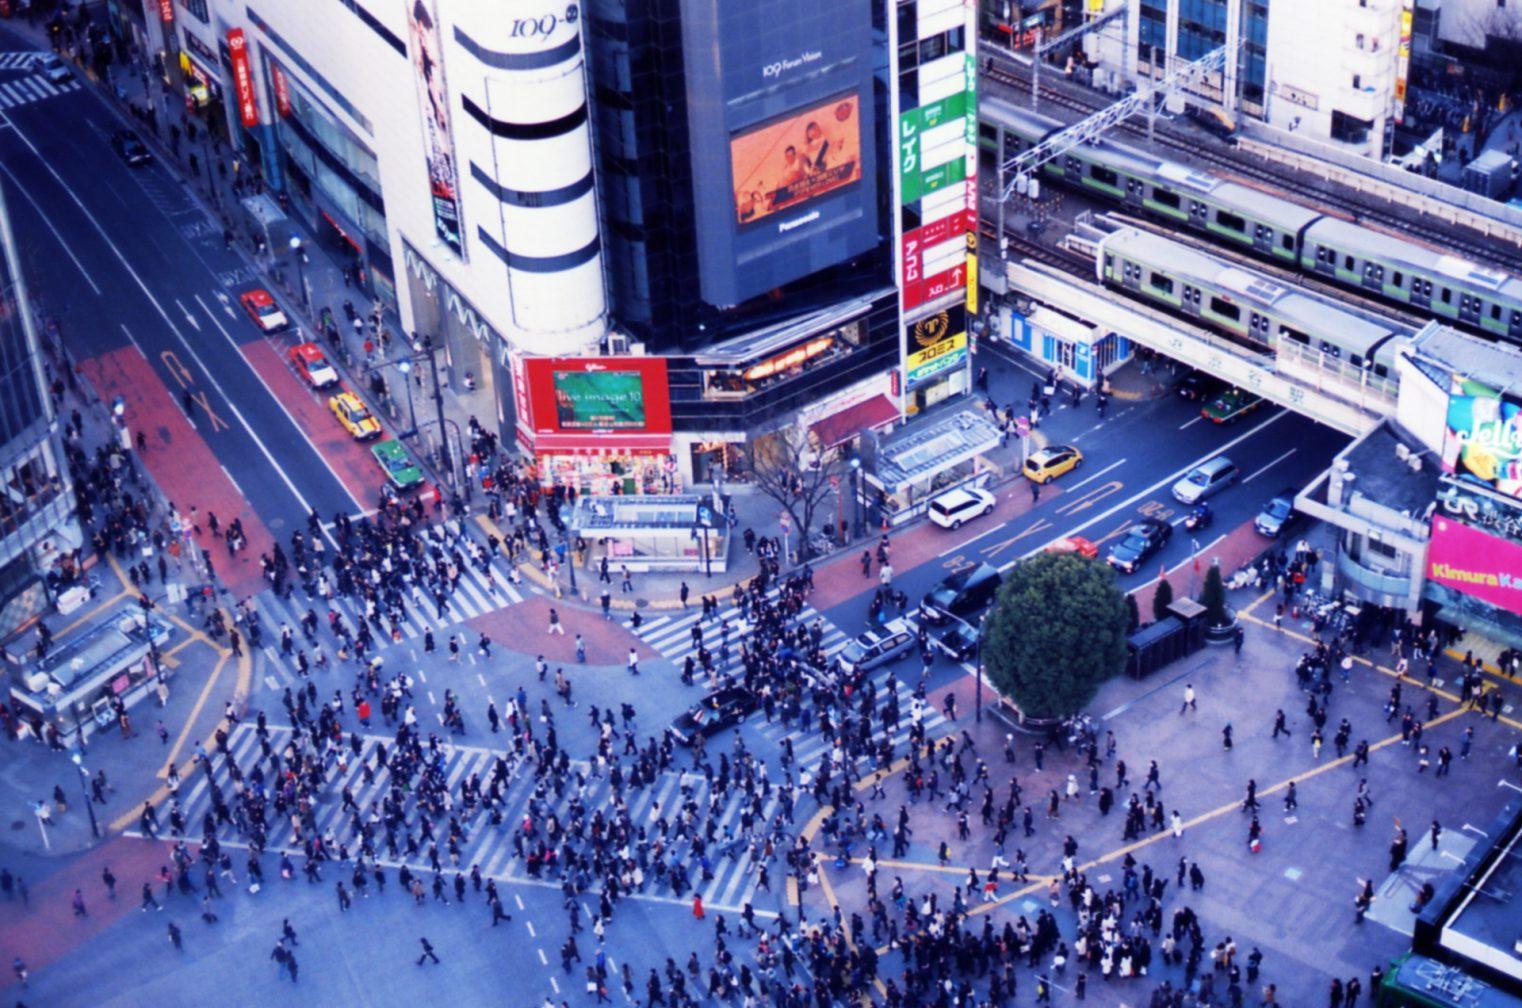 映画館探訪~渋谷『ル・シネマ』Bunkamuraに佇む秘密基地